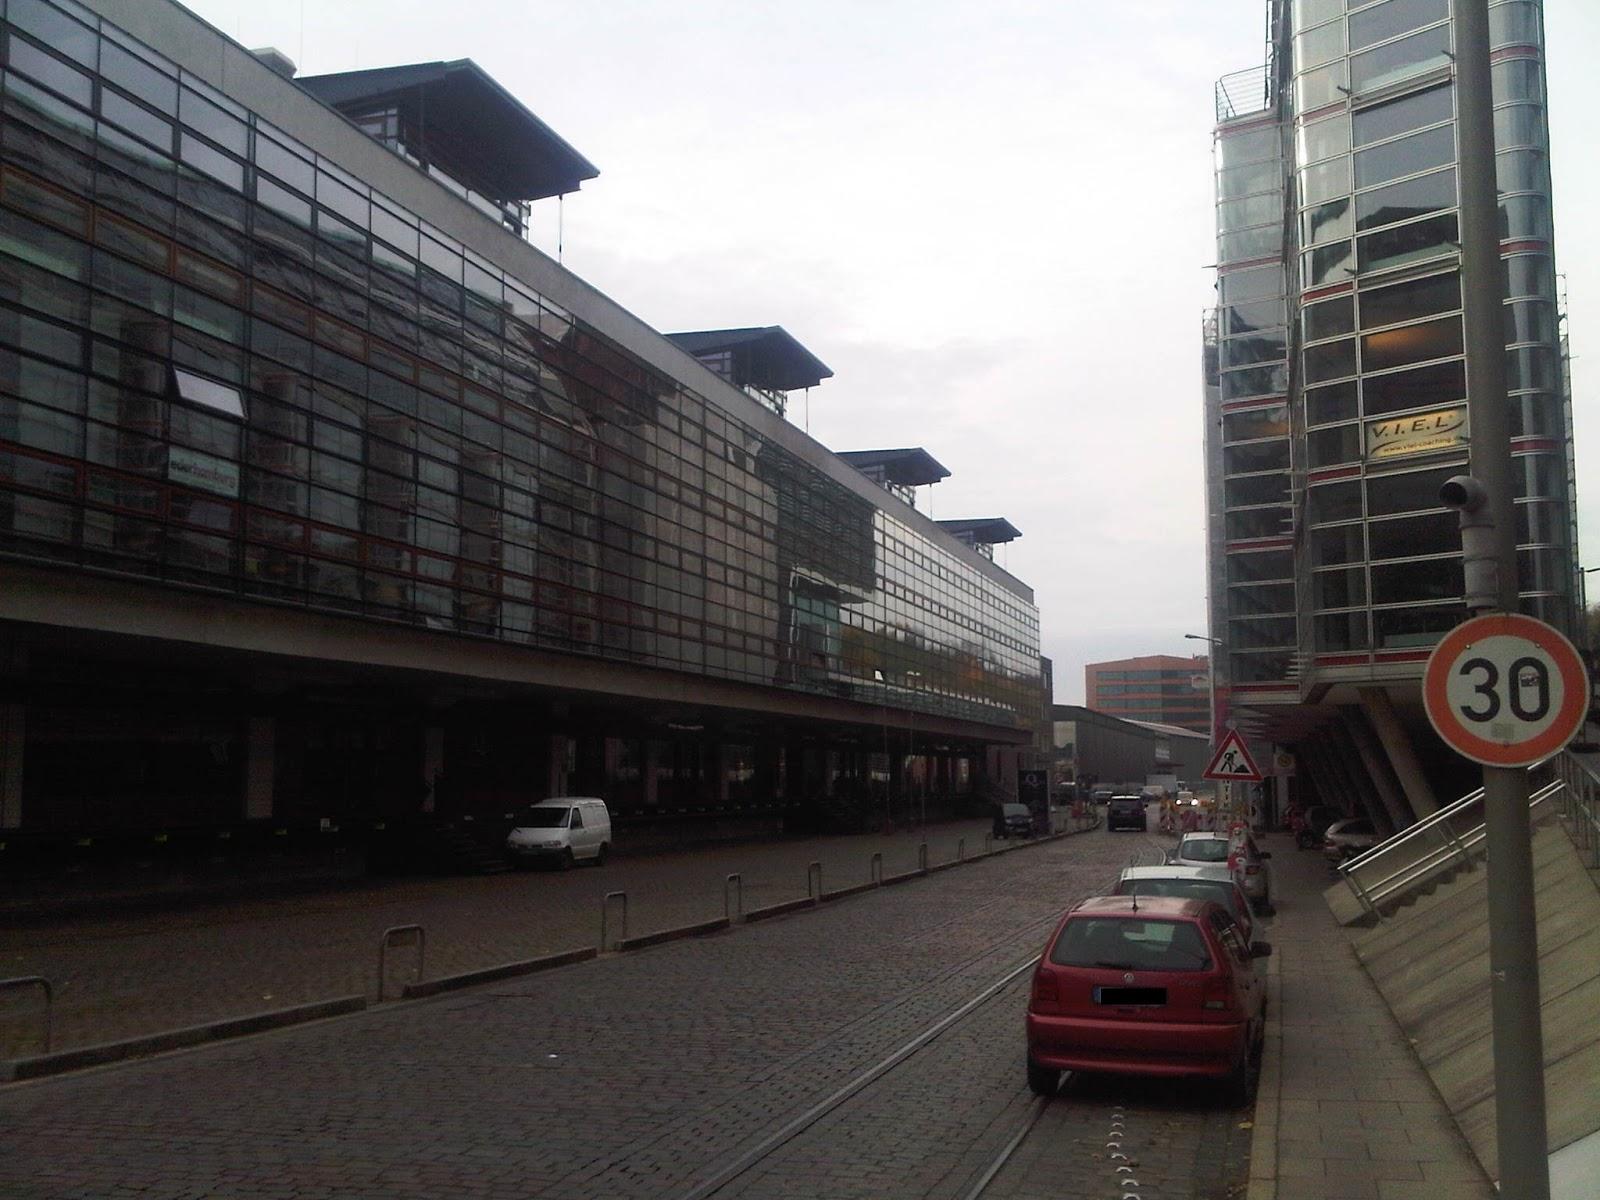 Große Elbstraße - Richtung Fischmarkt